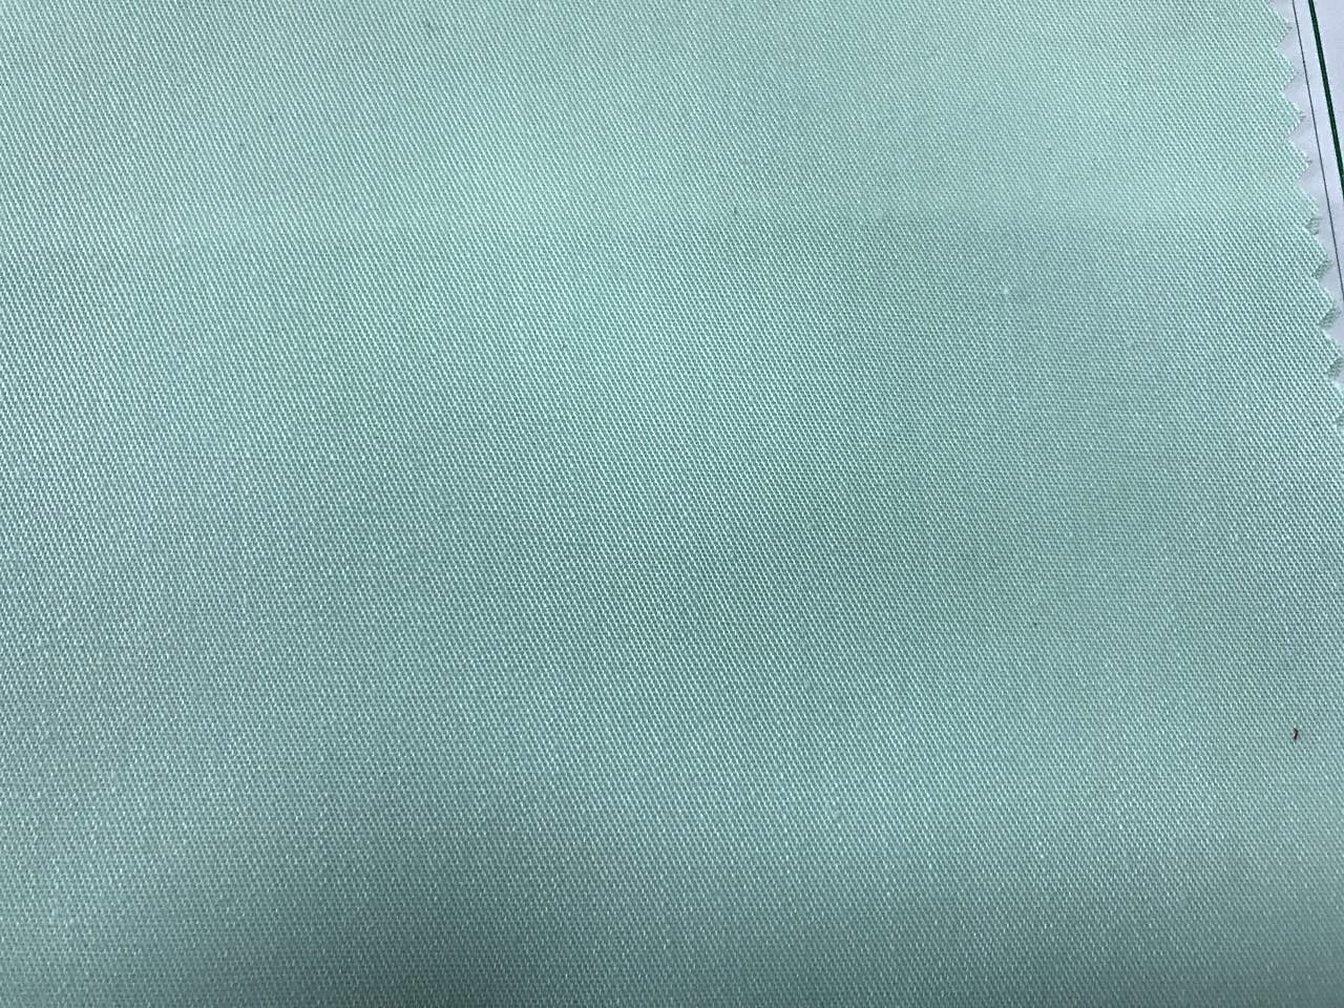 Бирюзовый материал текстура